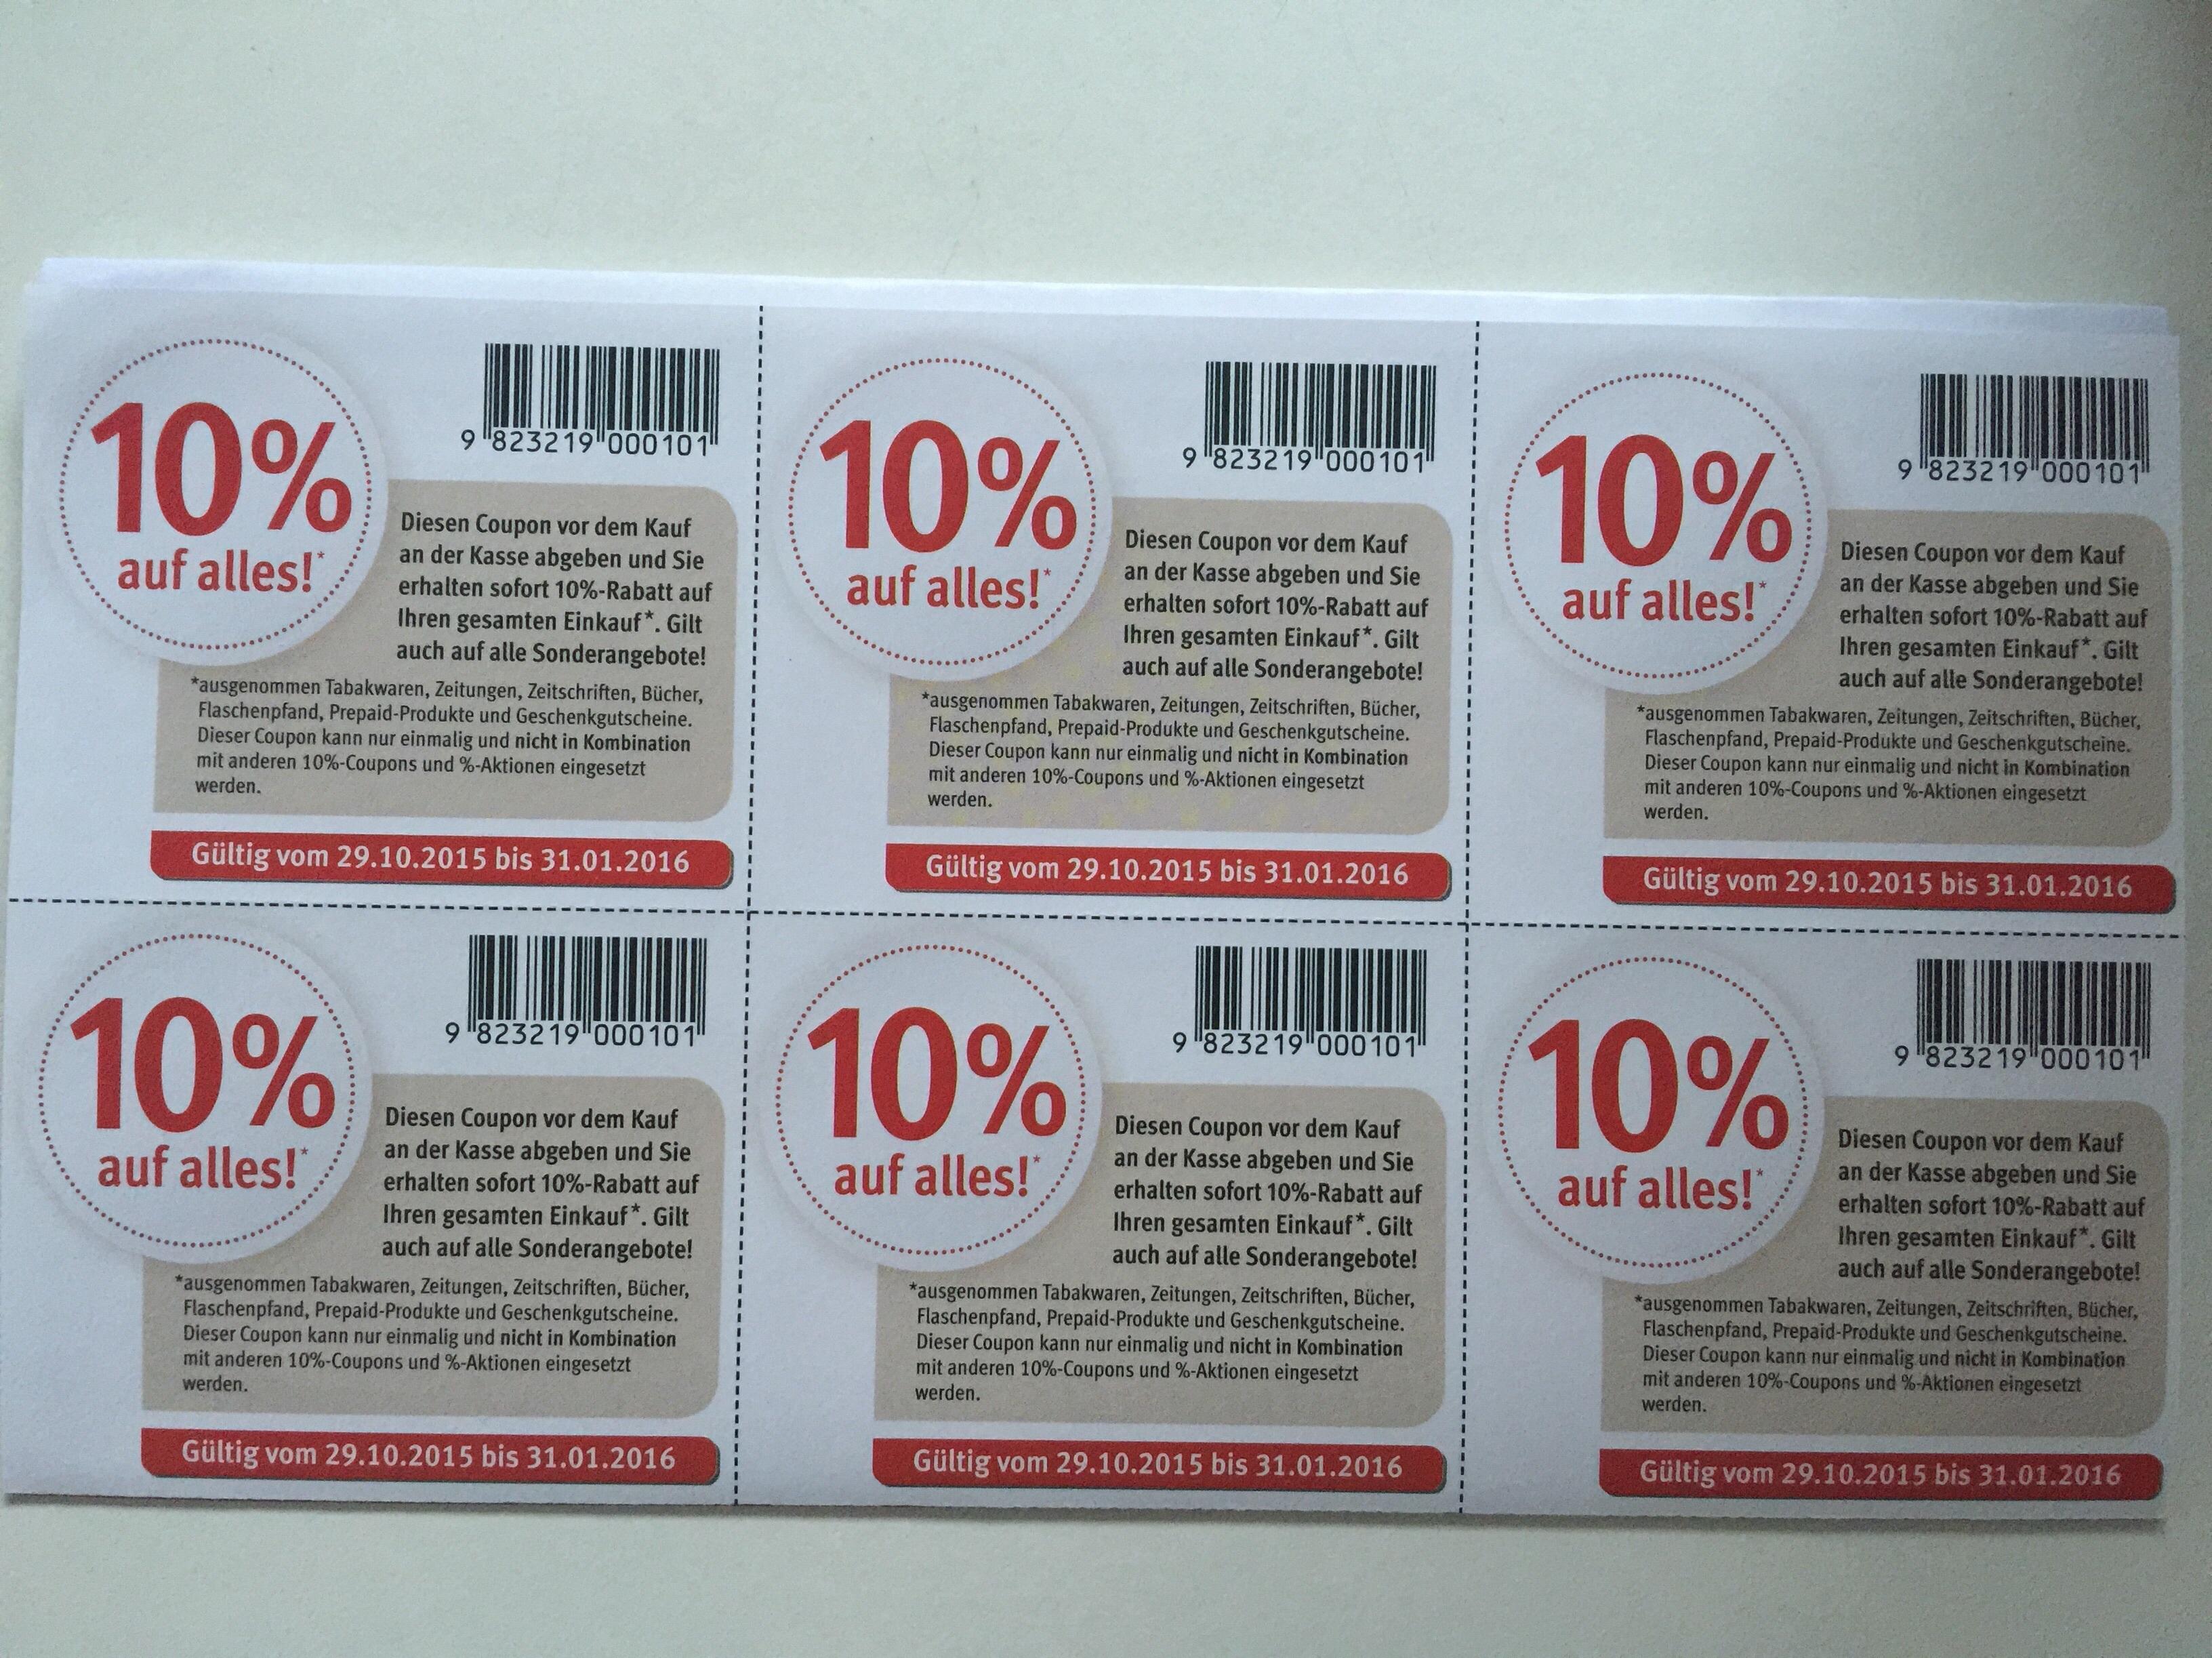 rossmann neuer 10 coupon g ltig vom. Black Bedroom Furniture Sets. Home Design Ideas